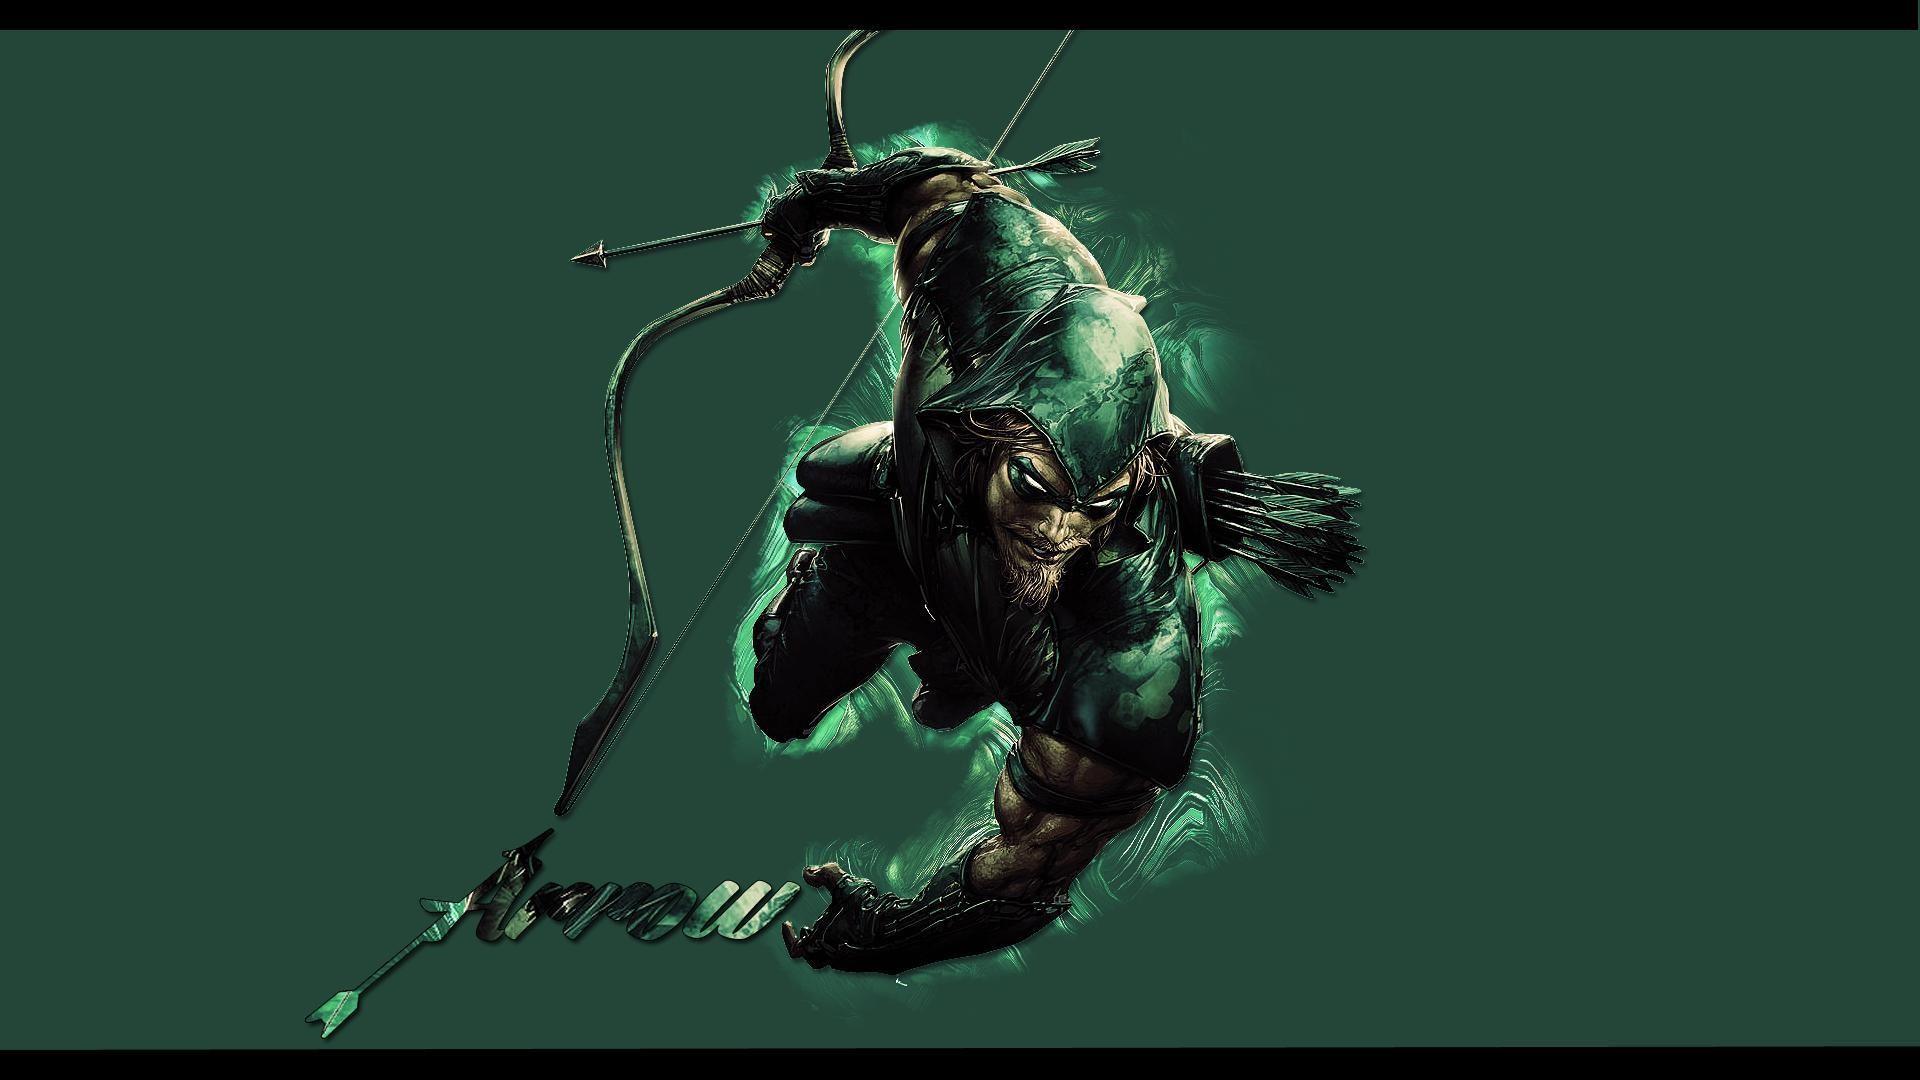 Green Arrow Wallpaper HD (81+ images)